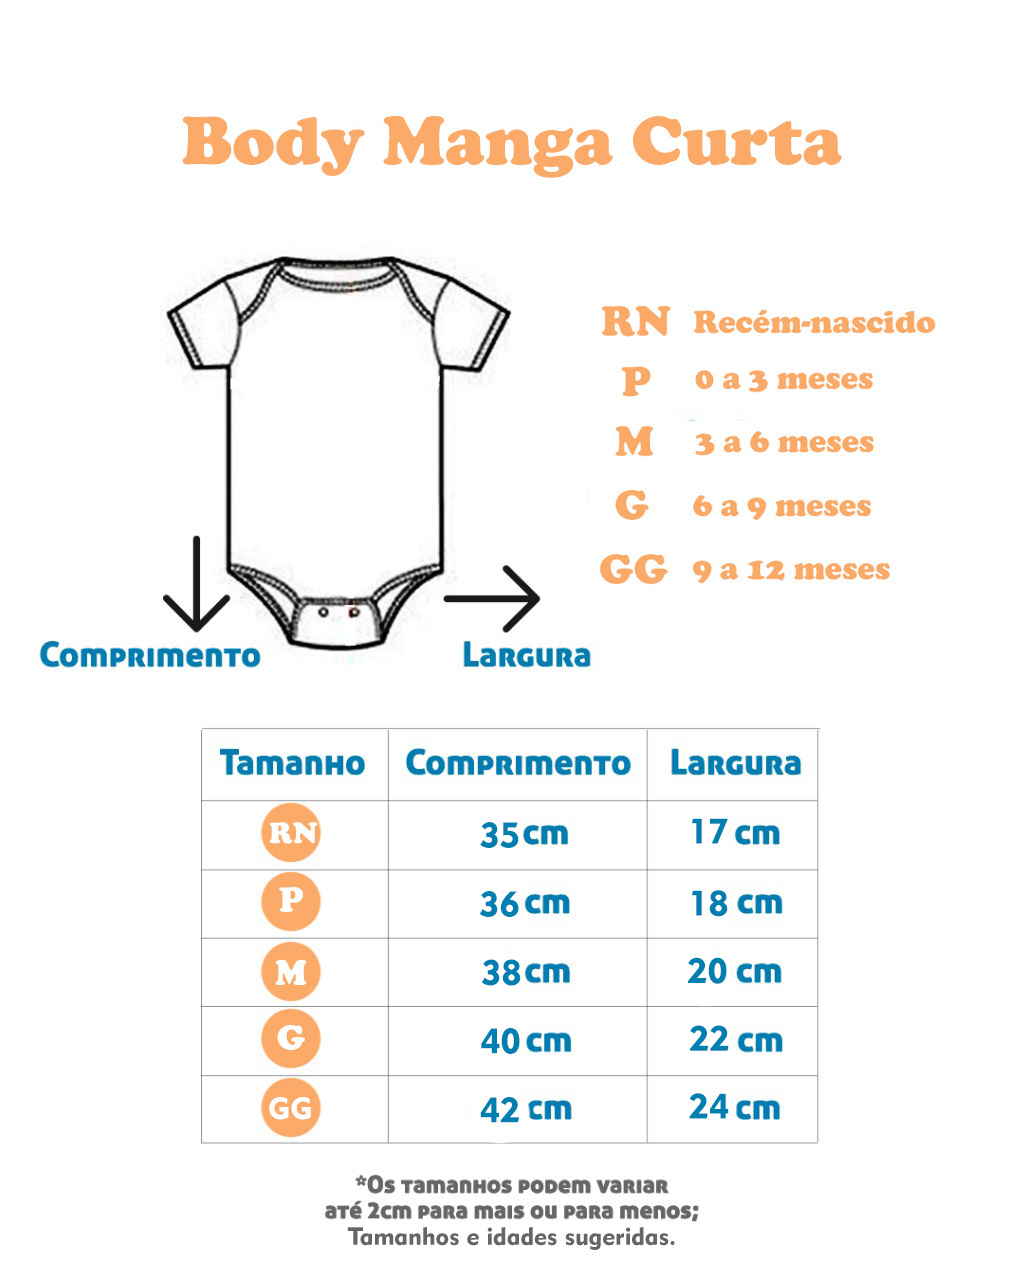 Body Manga Curta Acampamento Amarelo (RN/P/M/G/GG)